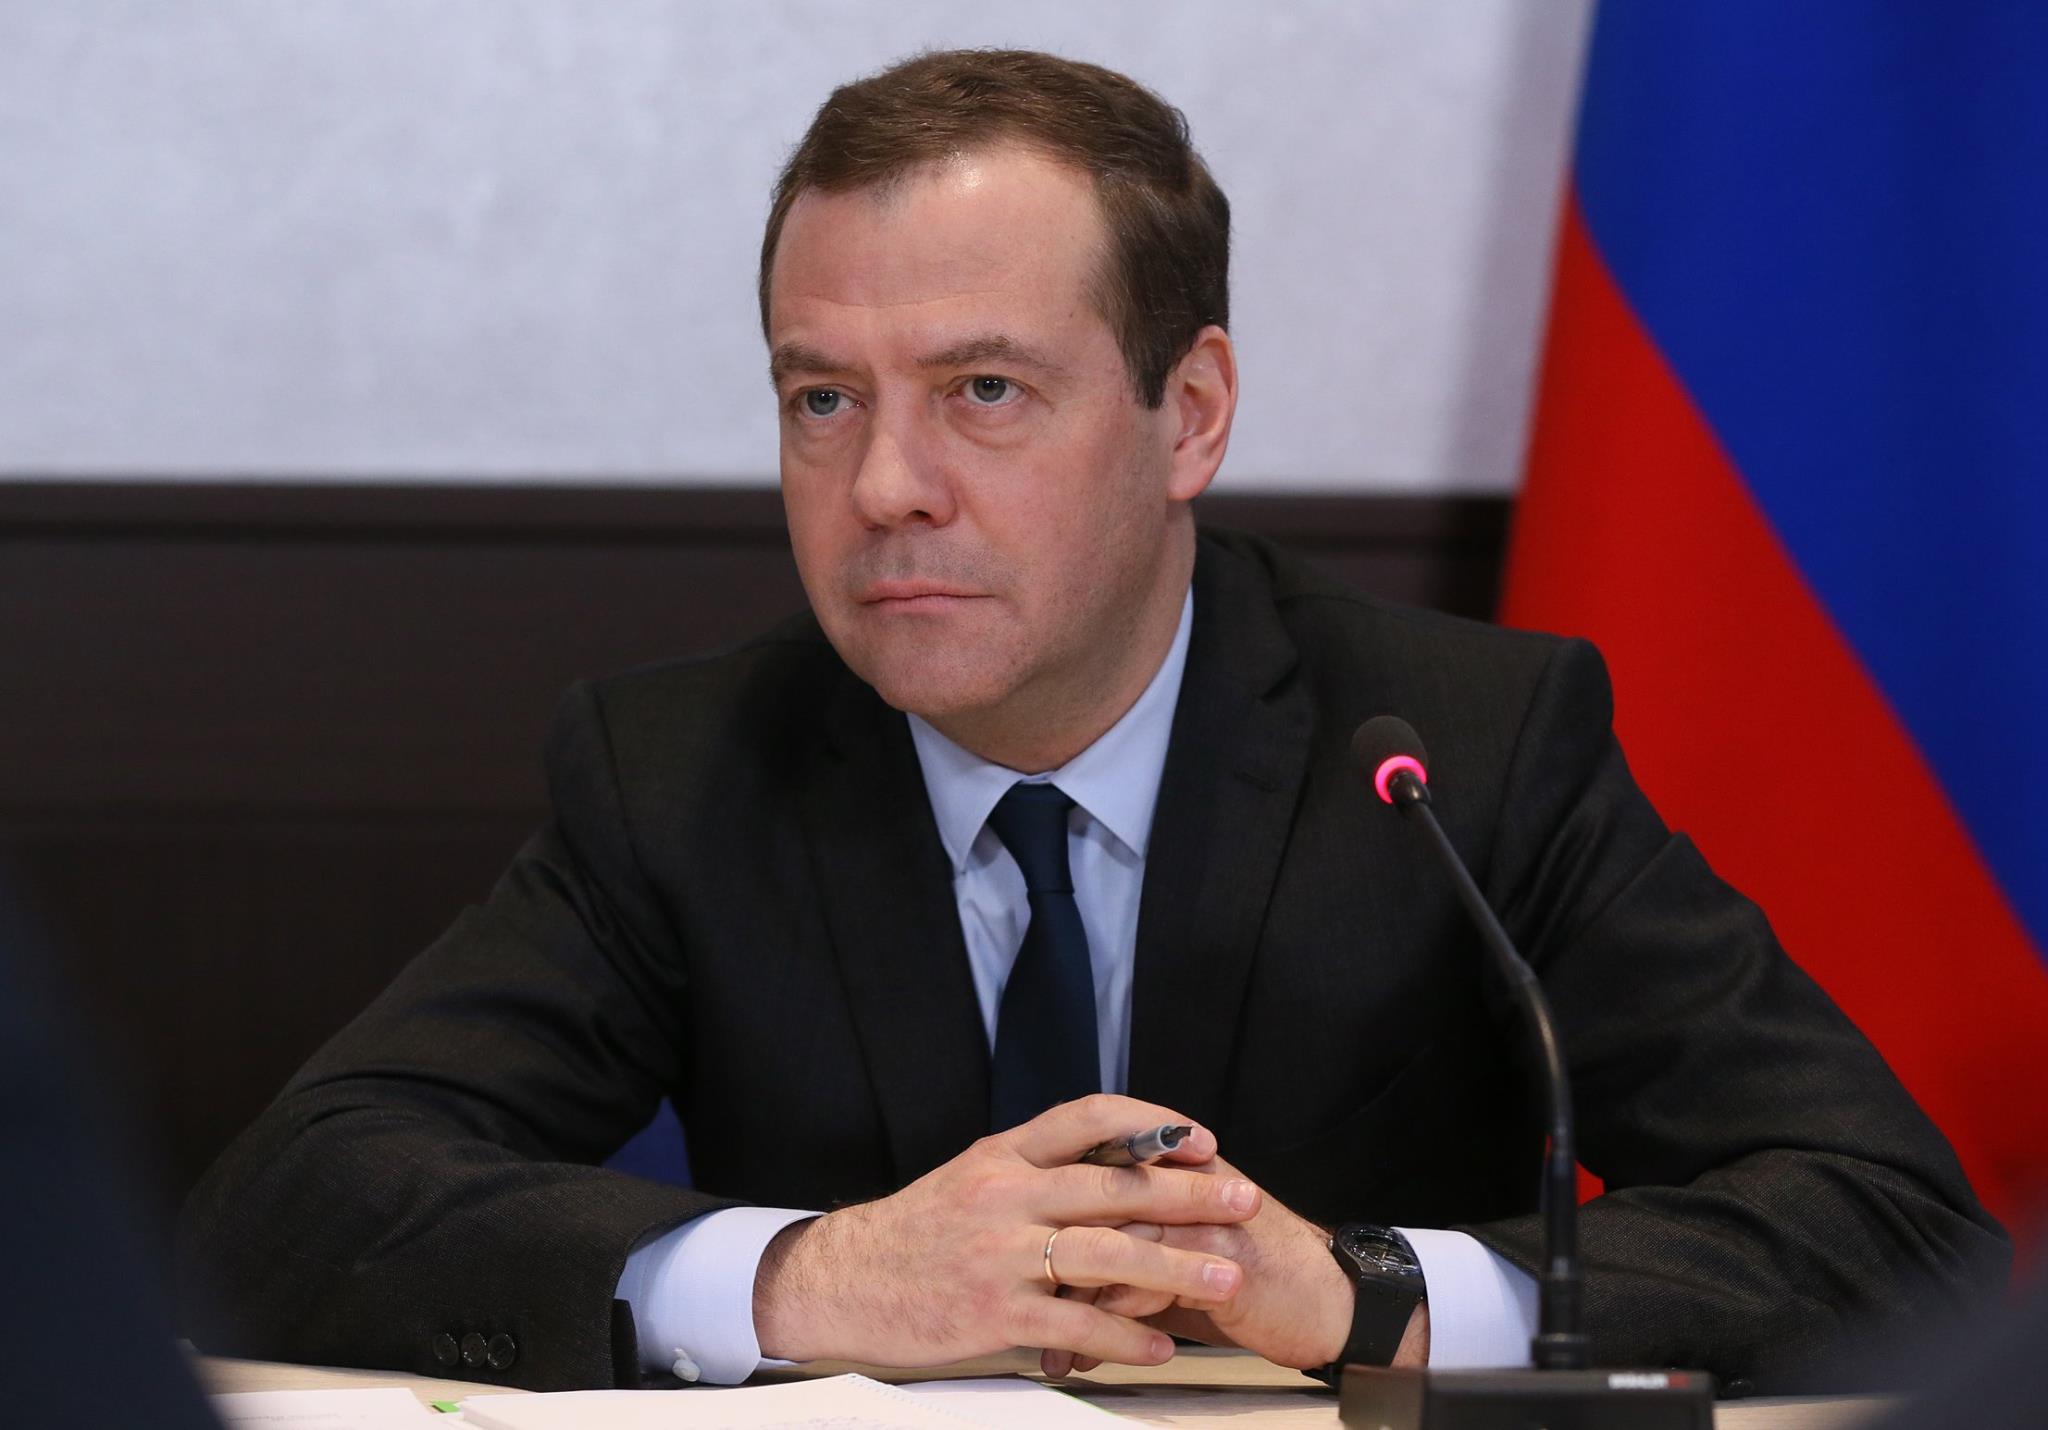 Дмитрий медведев попал в очко